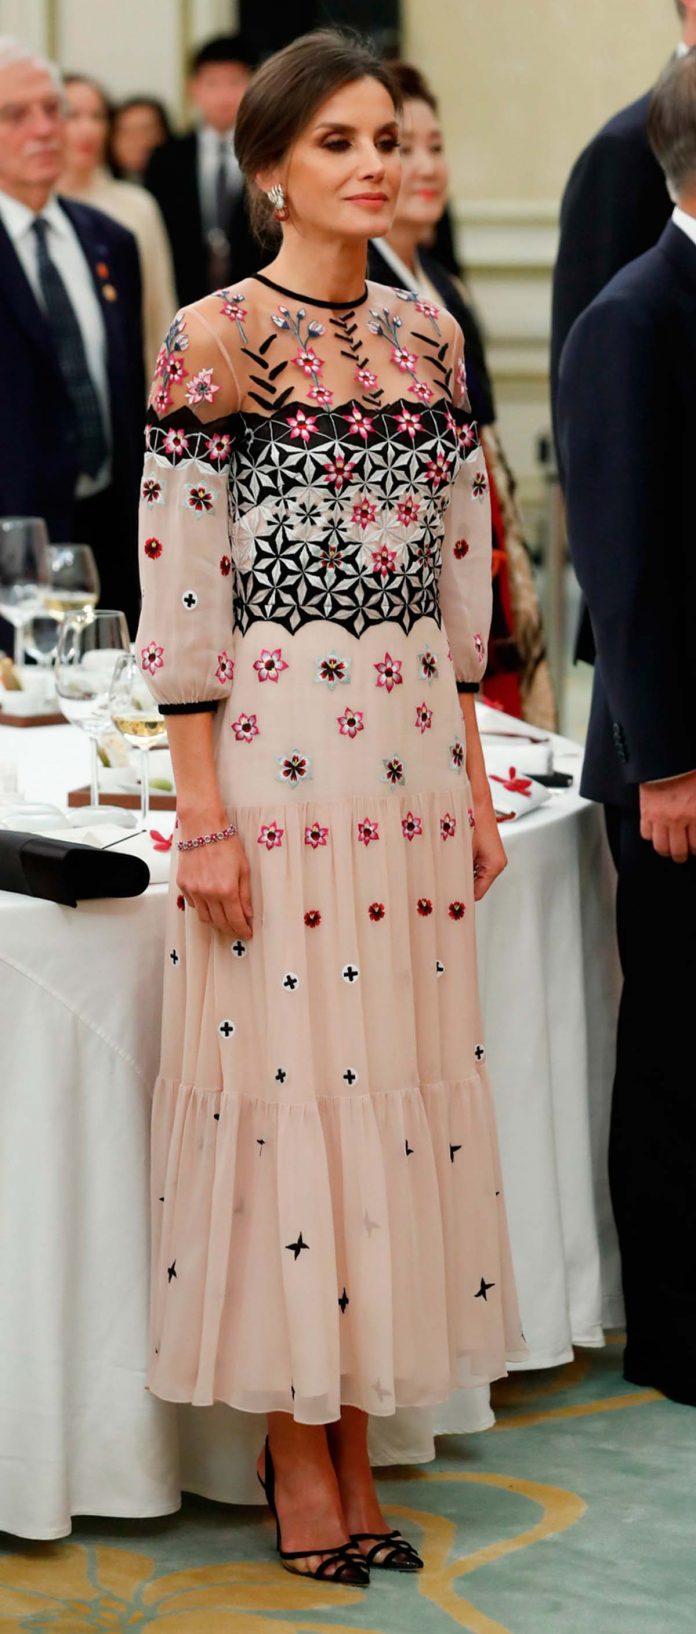 Los looks de la Reina Letizia que más han impactado en el exterior 20